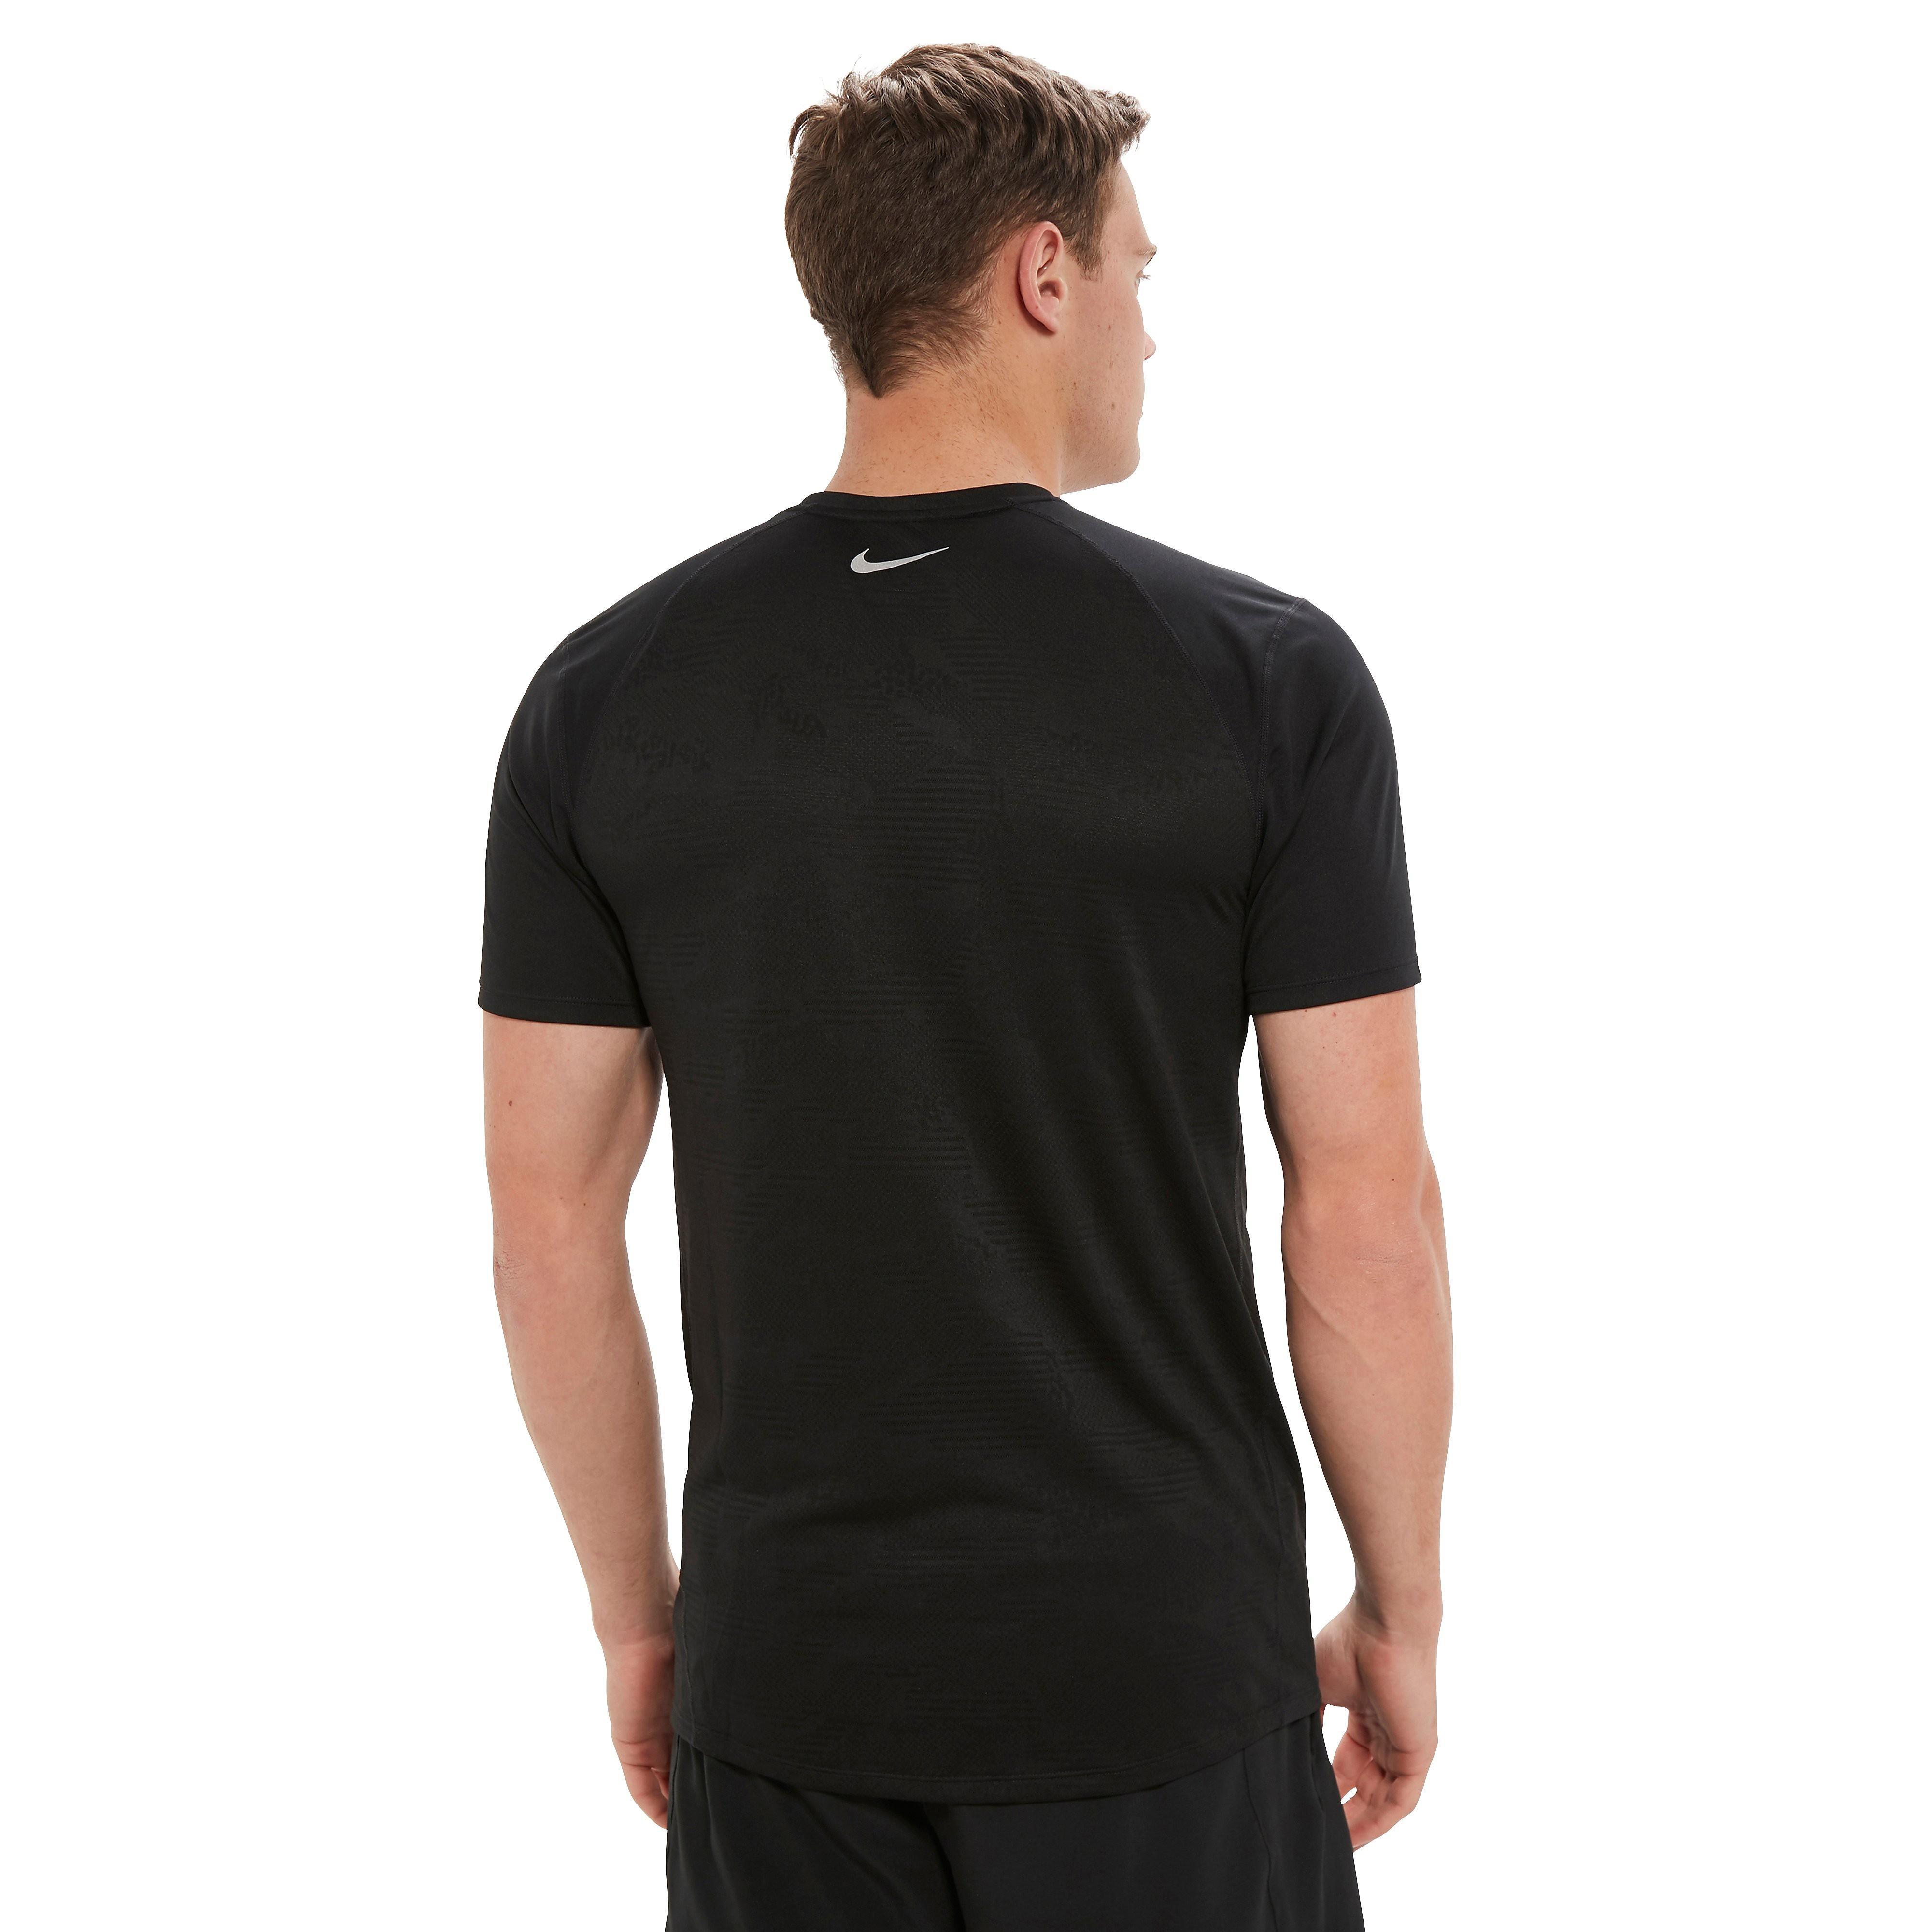 Nike Breathe Miler Men's T-Shirt